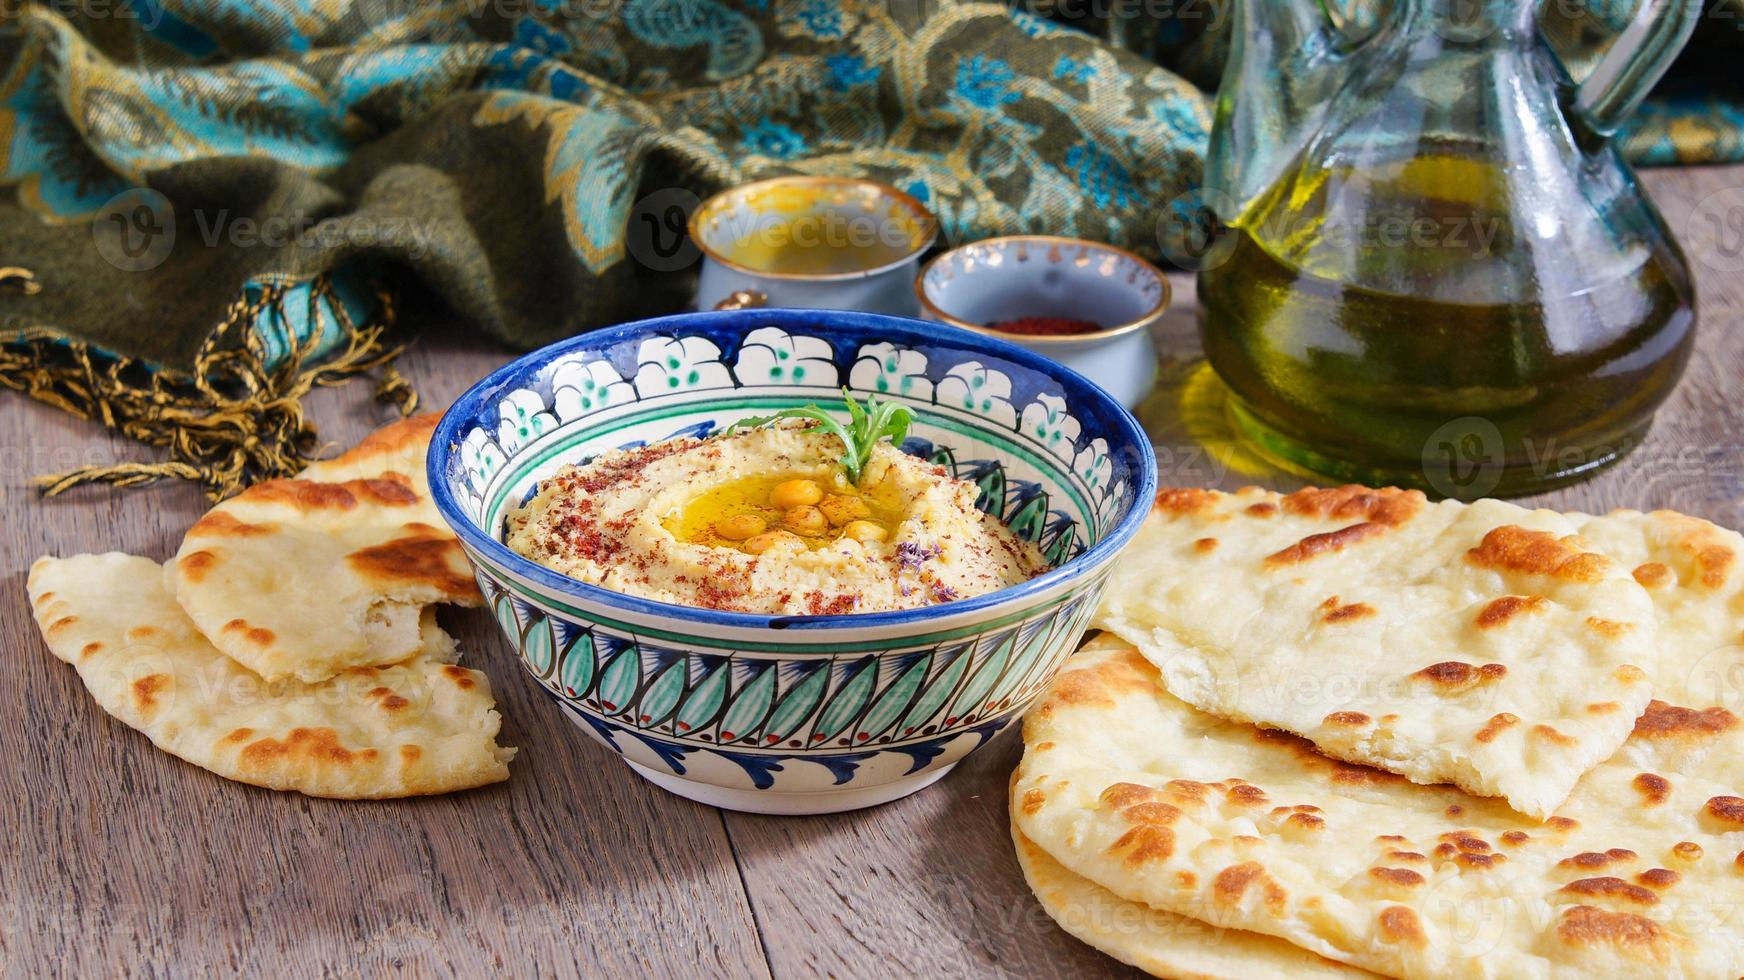 pan plano de hummus y trigo foto